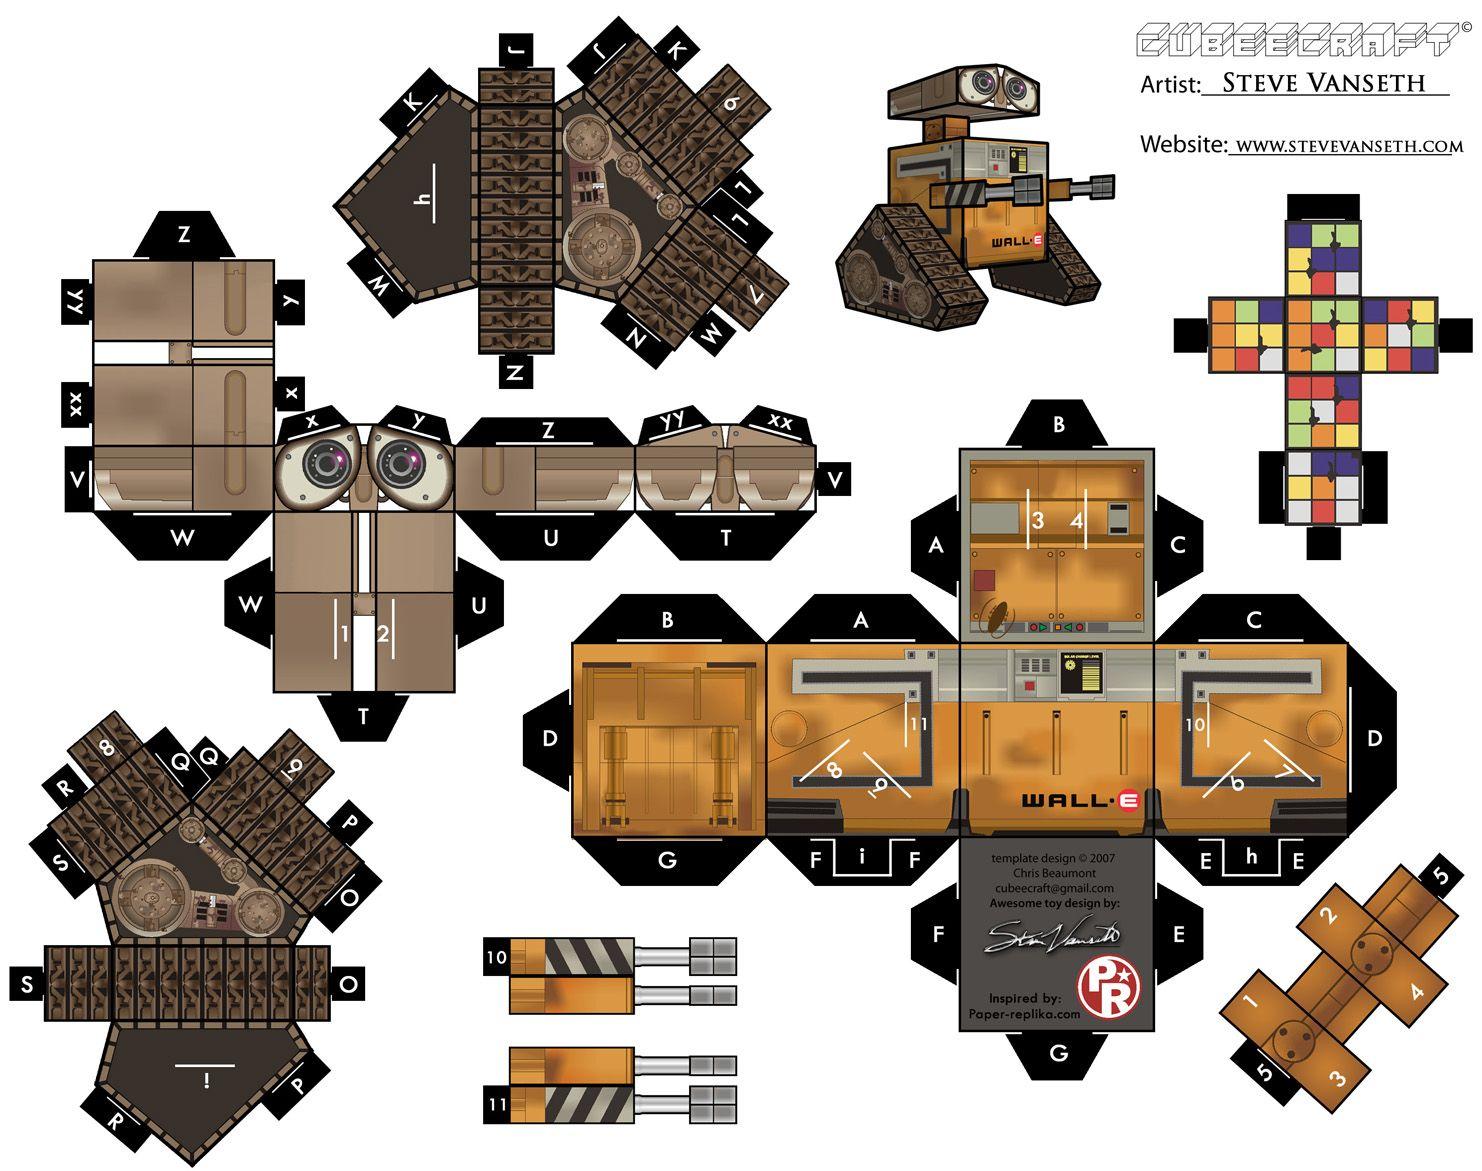 Wall E Cubeecraft